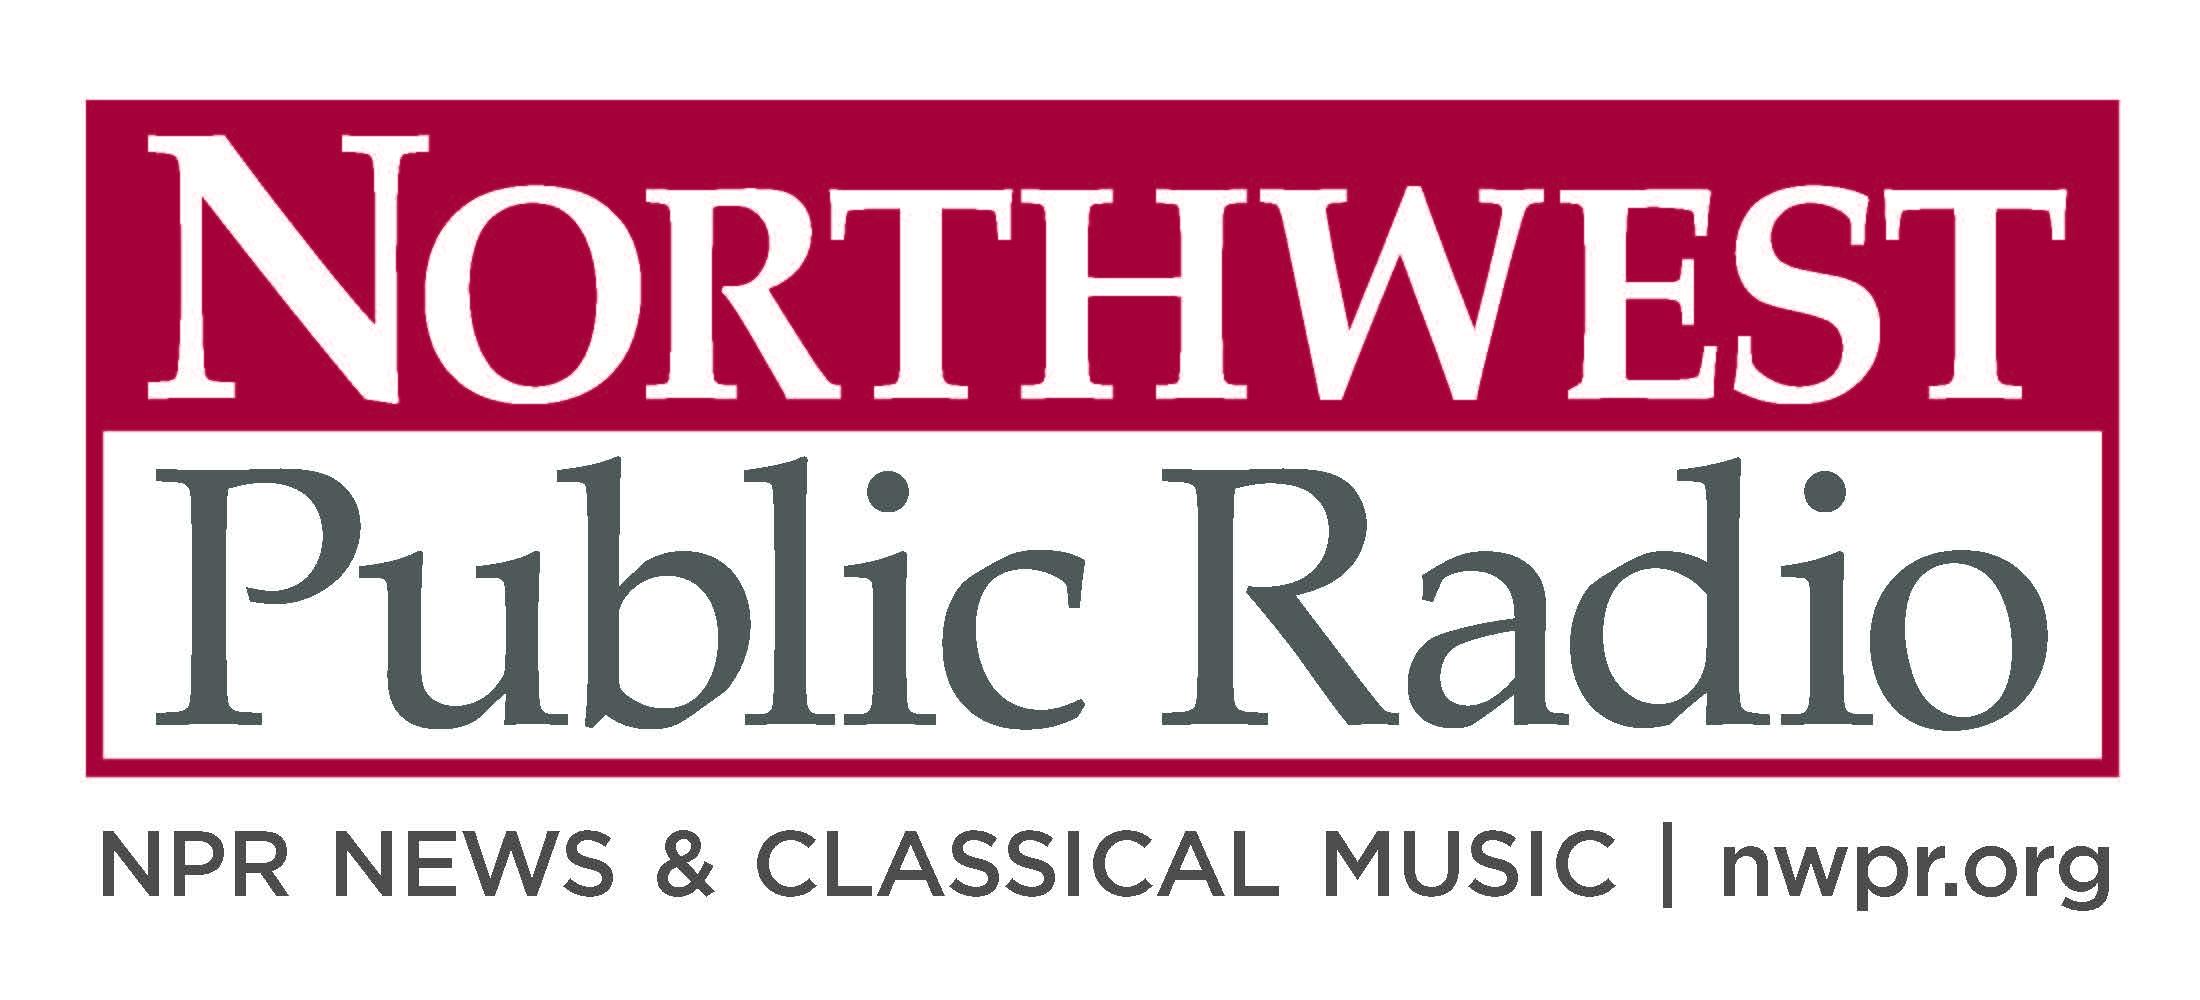 Visit NWPR online